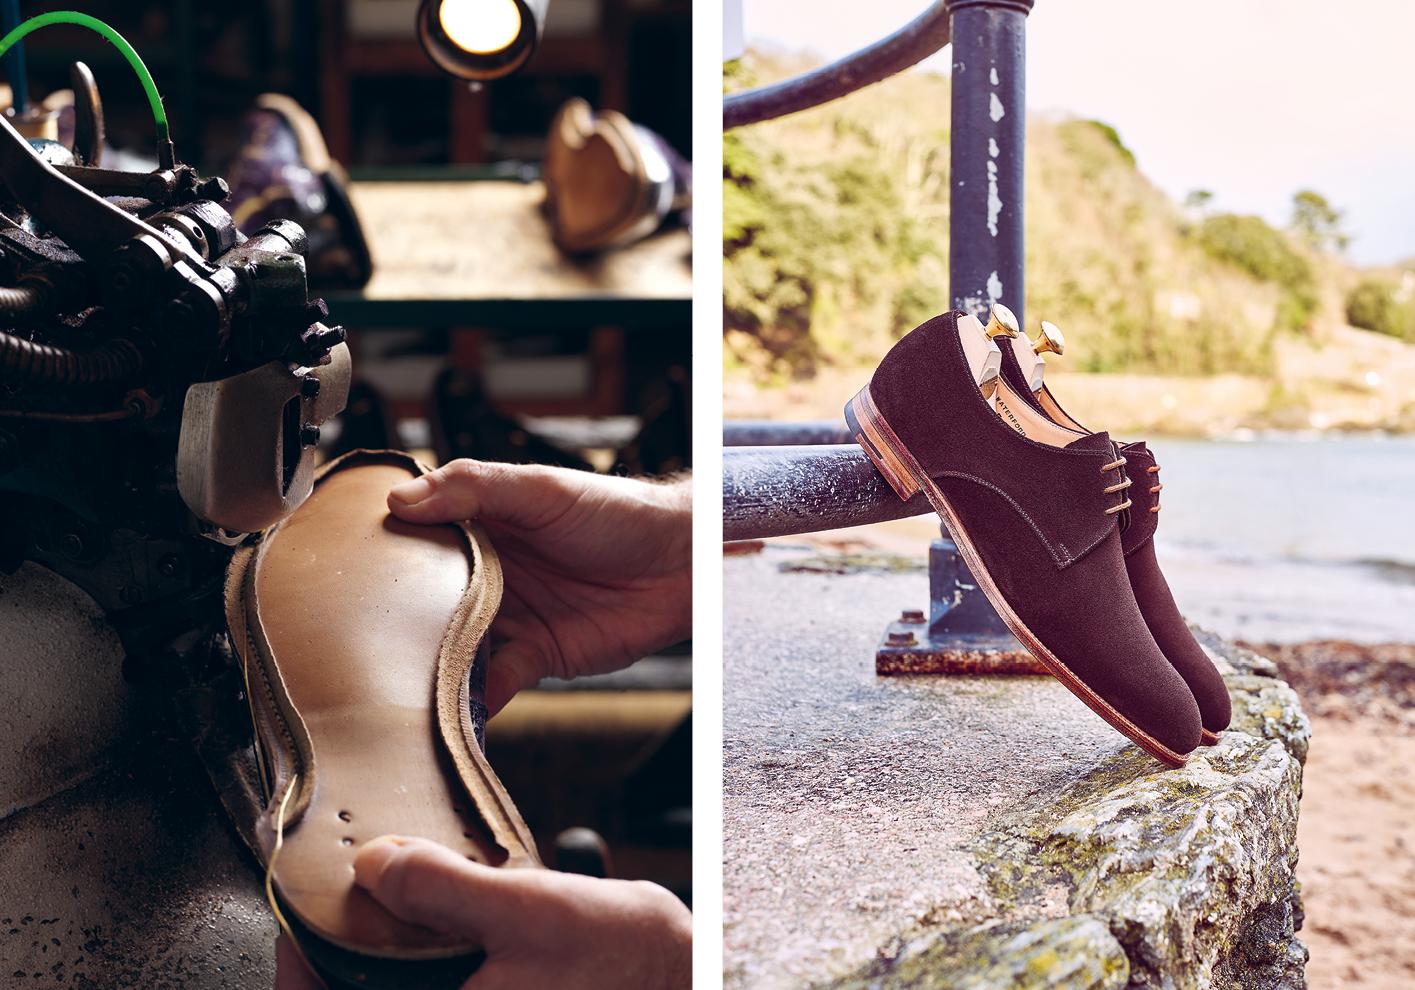 Crockett & Jones Waterford shoes in dark oak suede